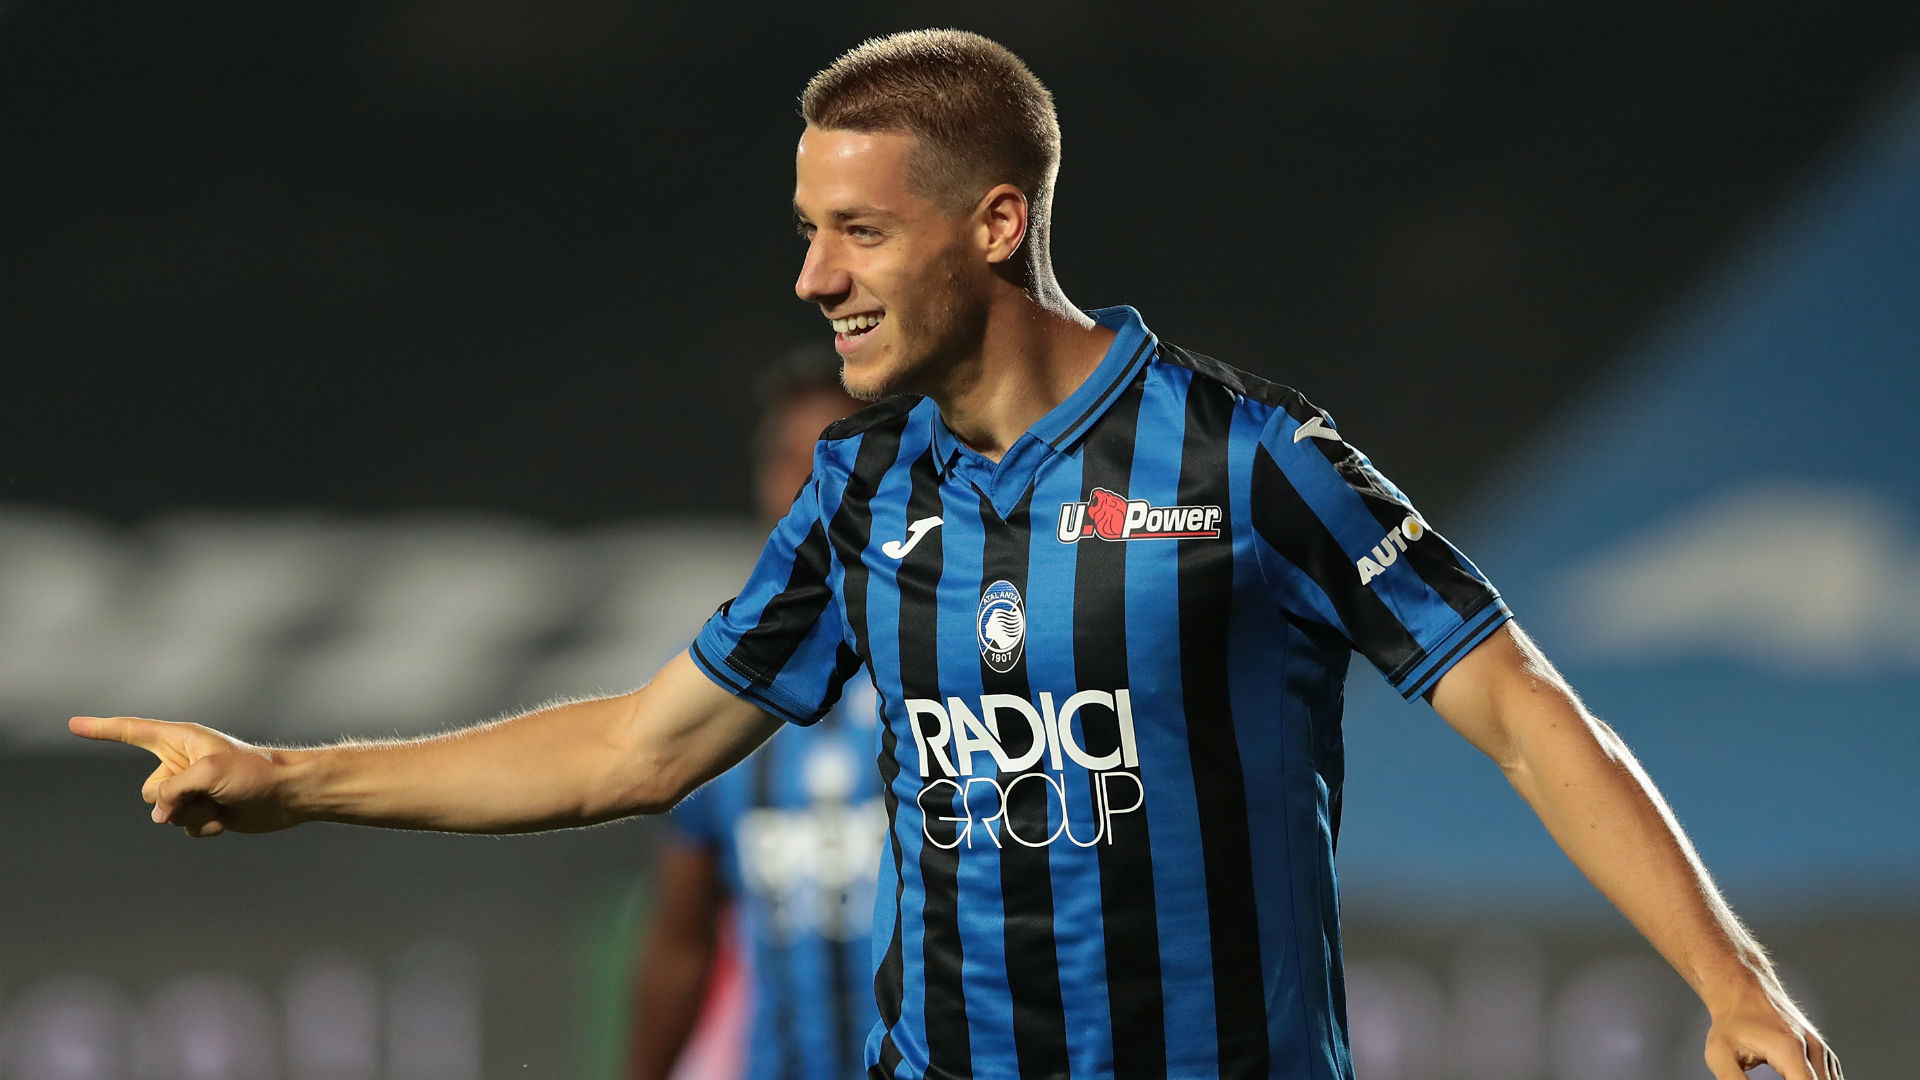 L'Atalanta si gode Pasalic, l'uomo in più di Gasperini | Goal.com